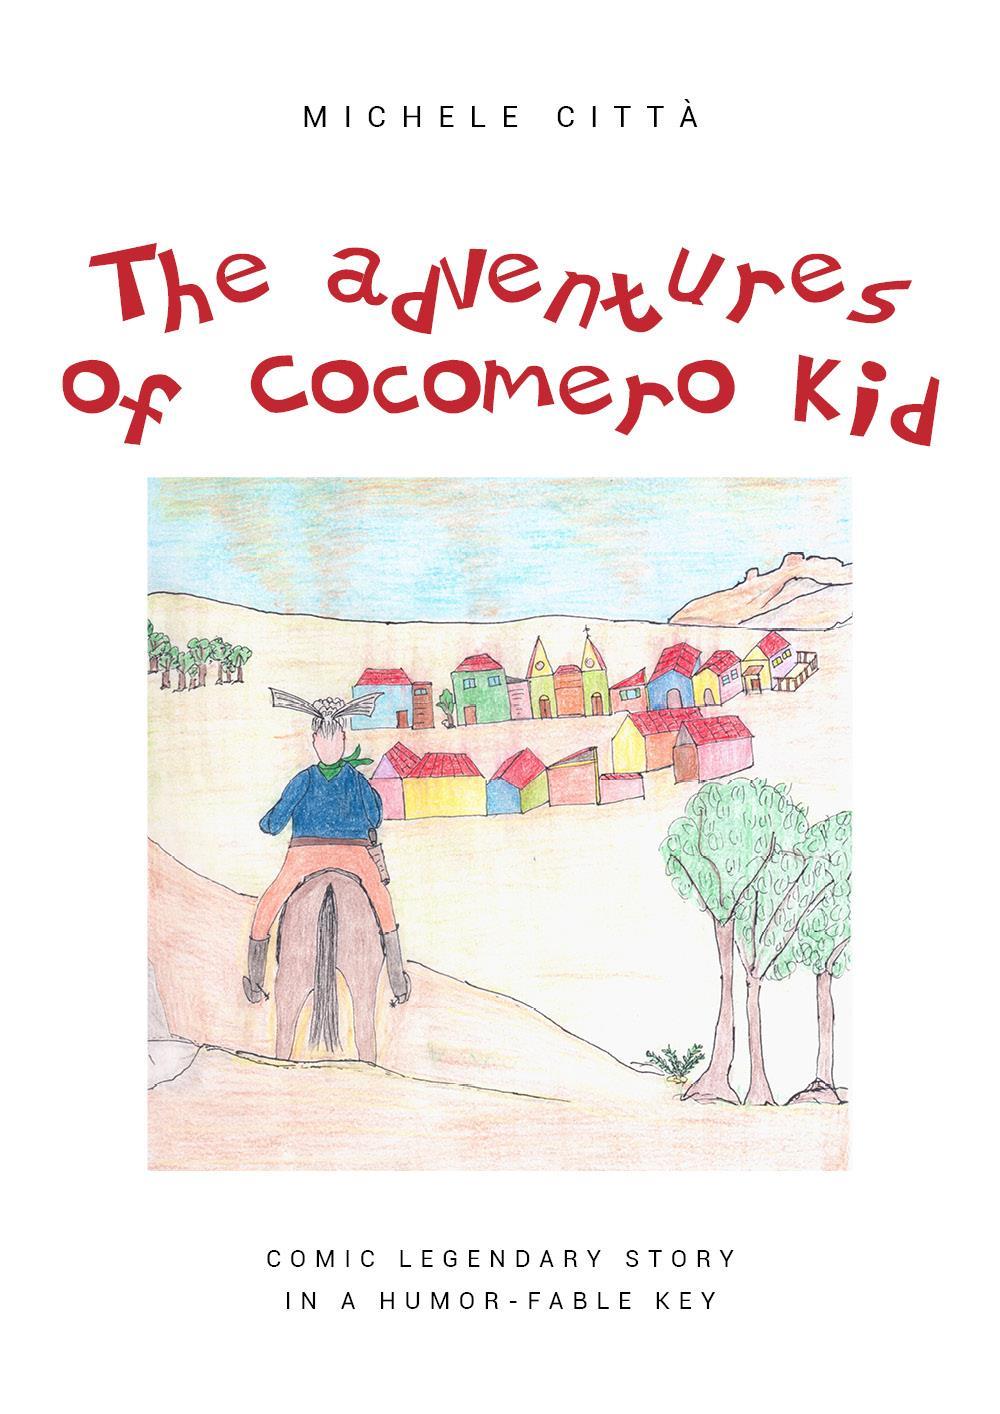 The adventures of Cocomero Kid